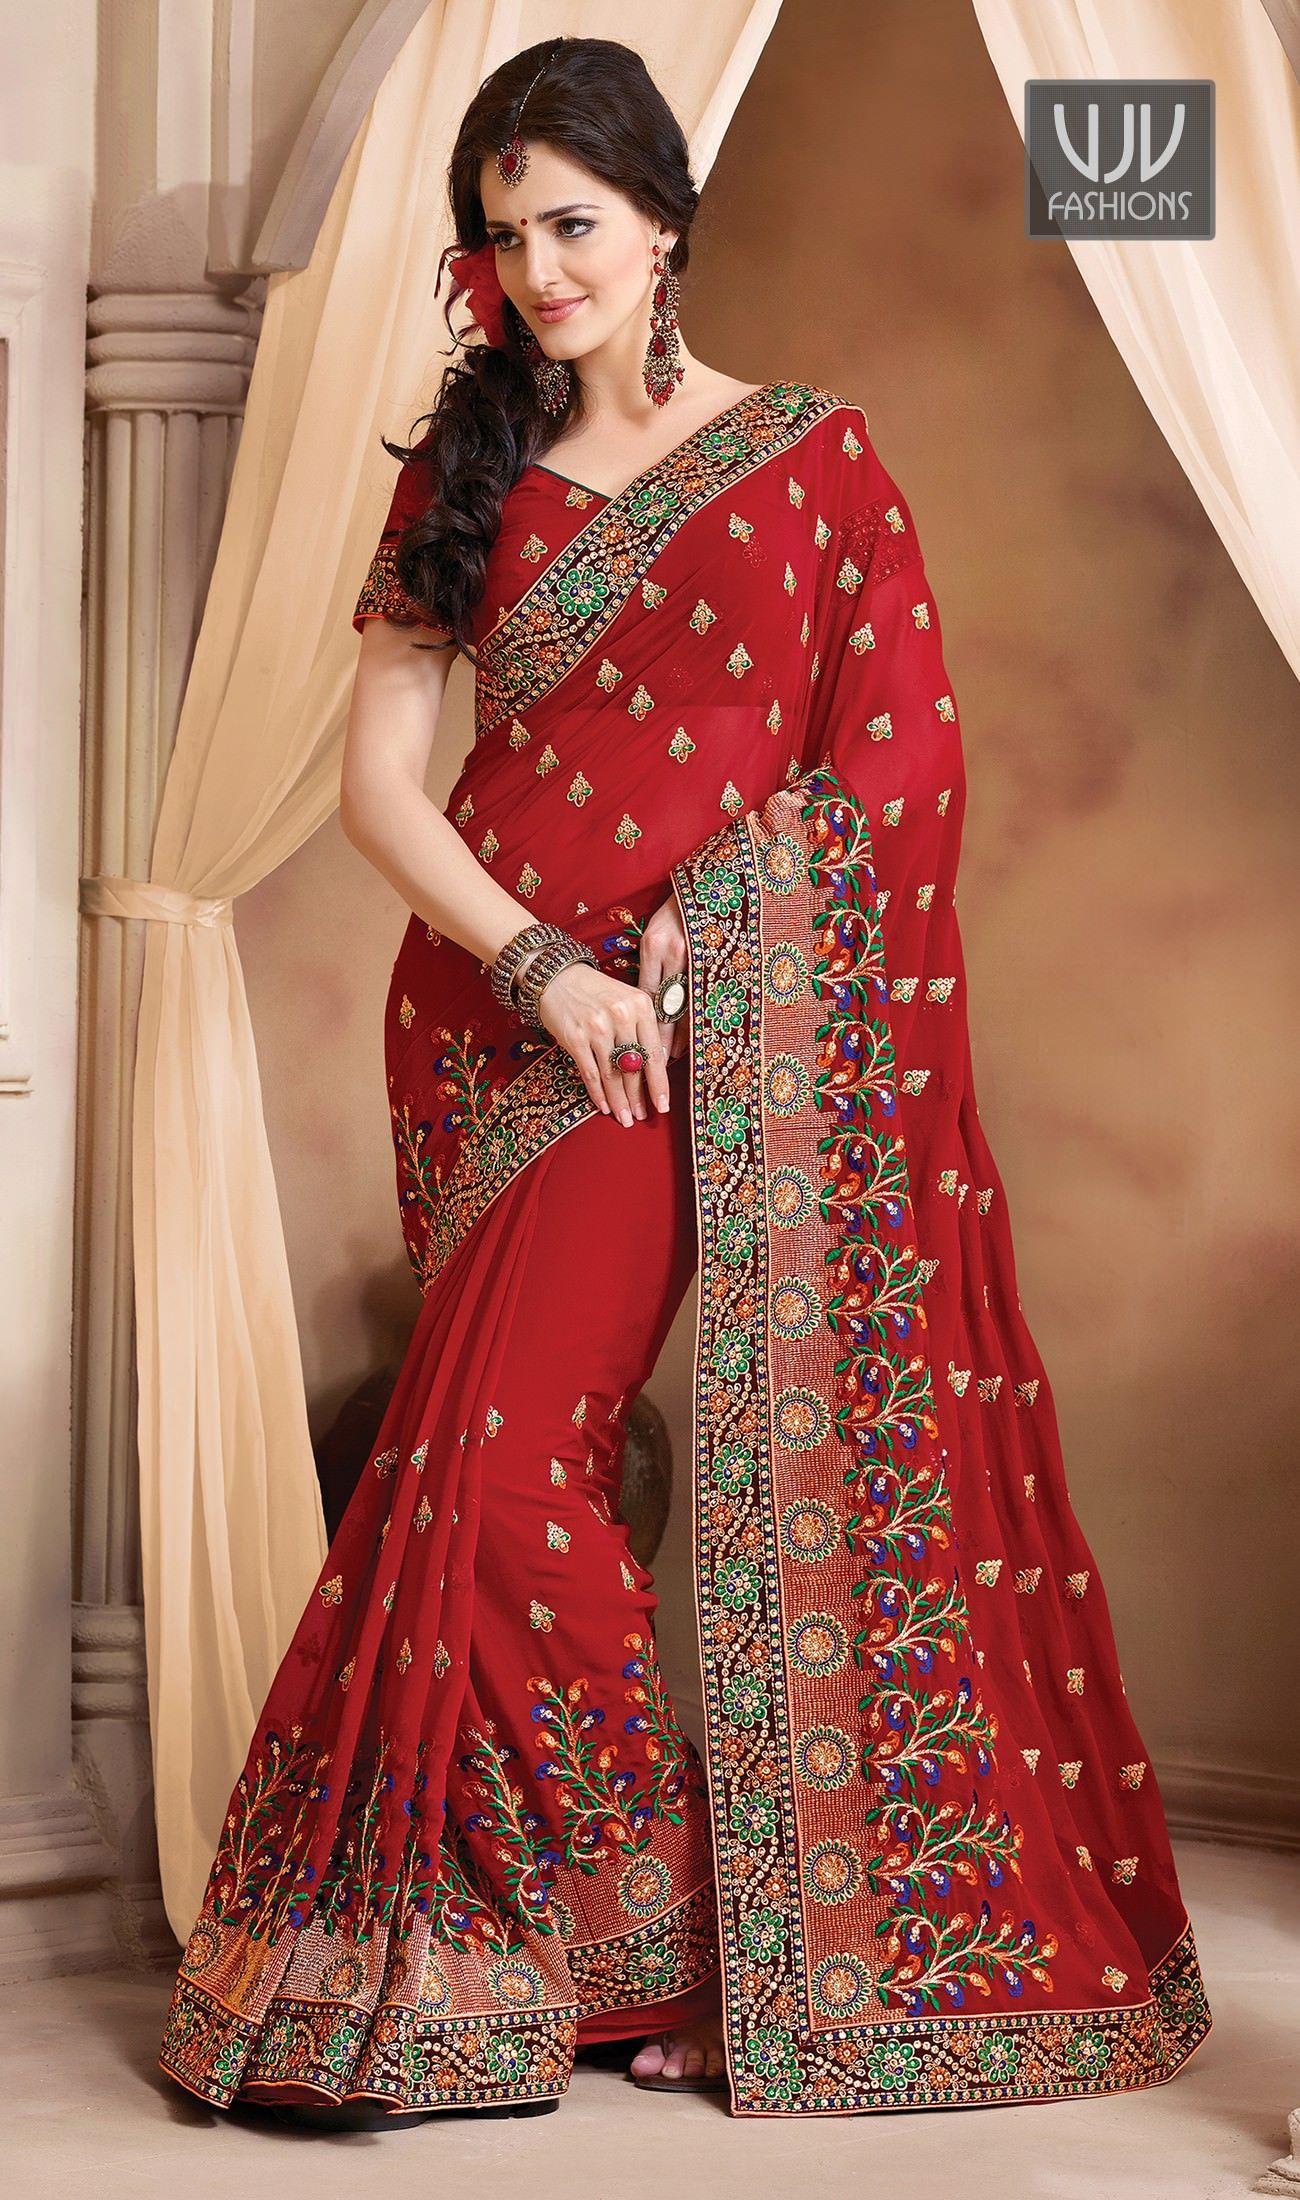 1af850f6d2 Red wedding saree by VJV Fashions. #weddingsaree #bridalsaree #bridalwear # bridalcollection #wedding #marriage #bride #brides #bridetobe #bridal